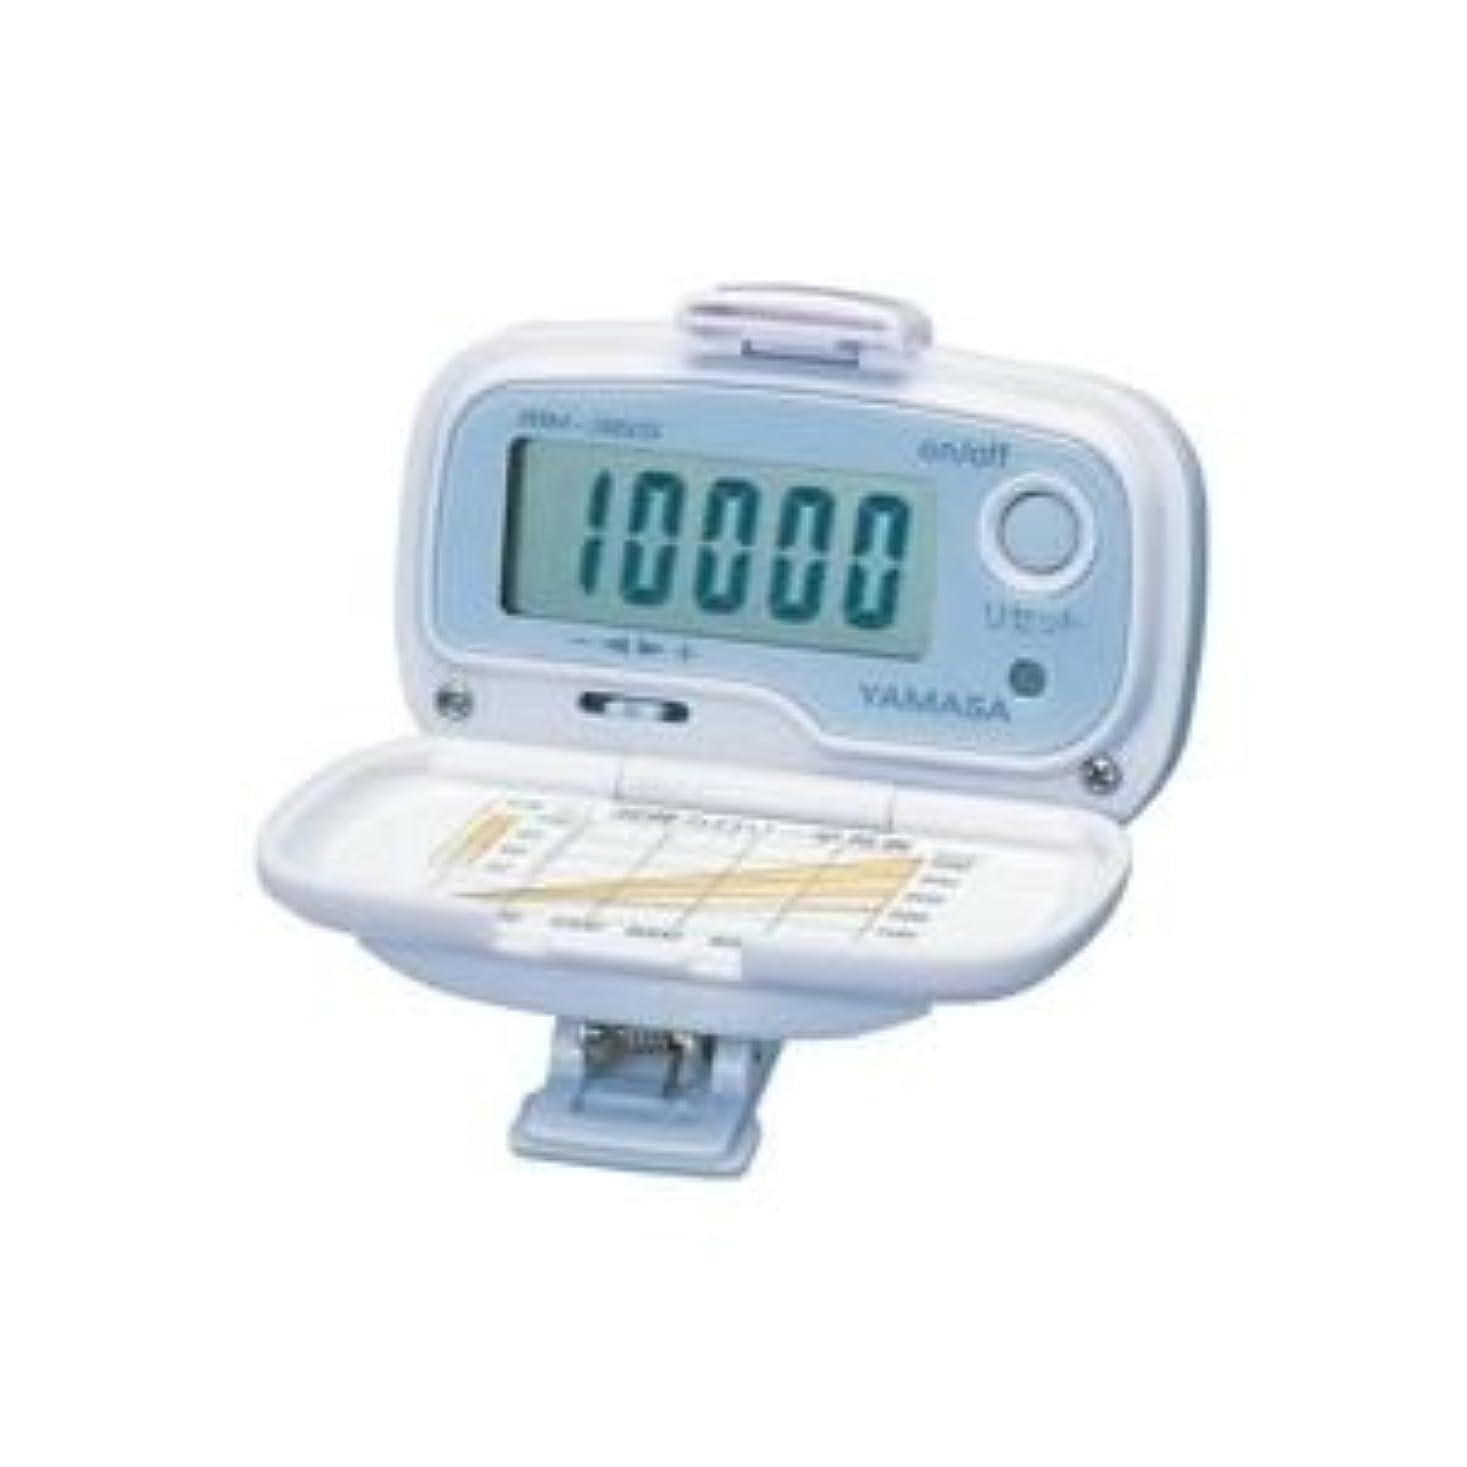 広まったハイジャック抜本的な(業務用3セット)山佐時計計器 万歩計 MK-365(LS)